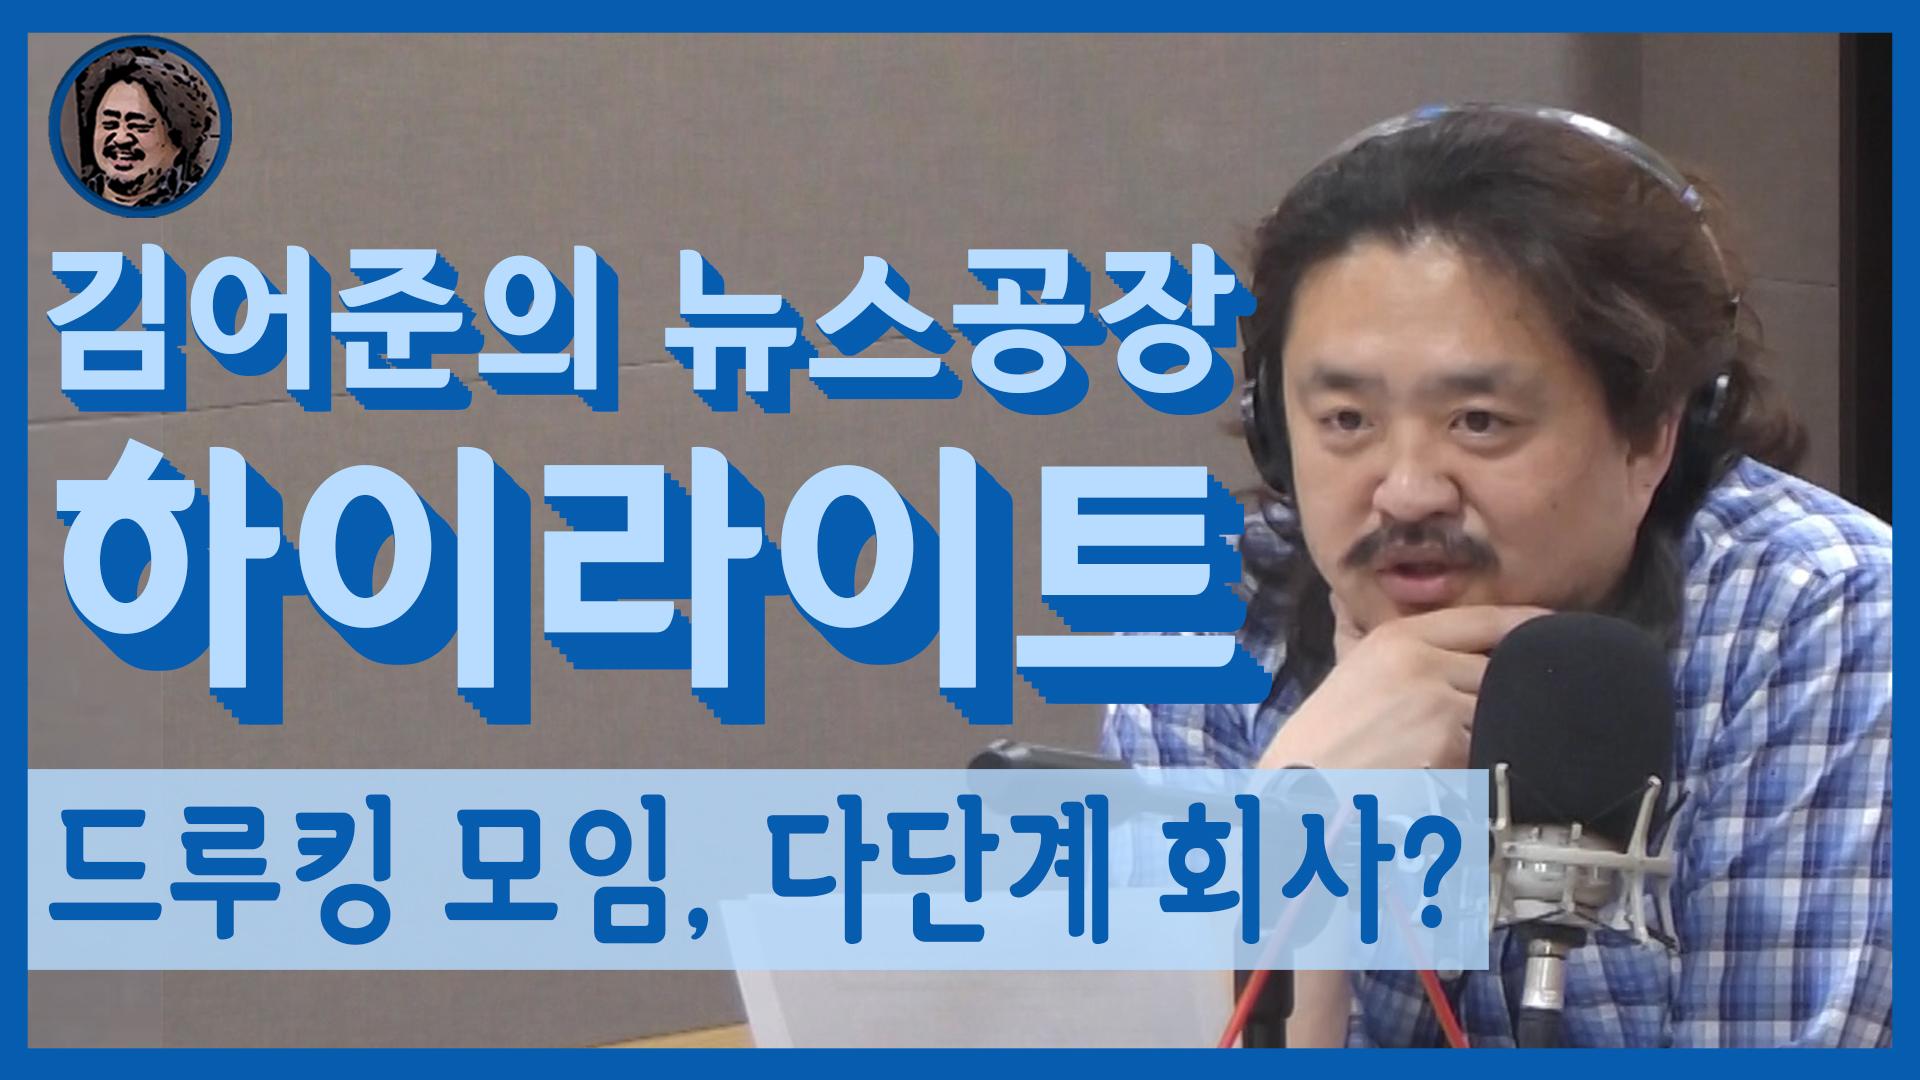 [김어준의 뉴스공장-하이라이트] 드루킹 모임 경공모의 익명 회원왈, 외부에서는 다단계 업체로 봐